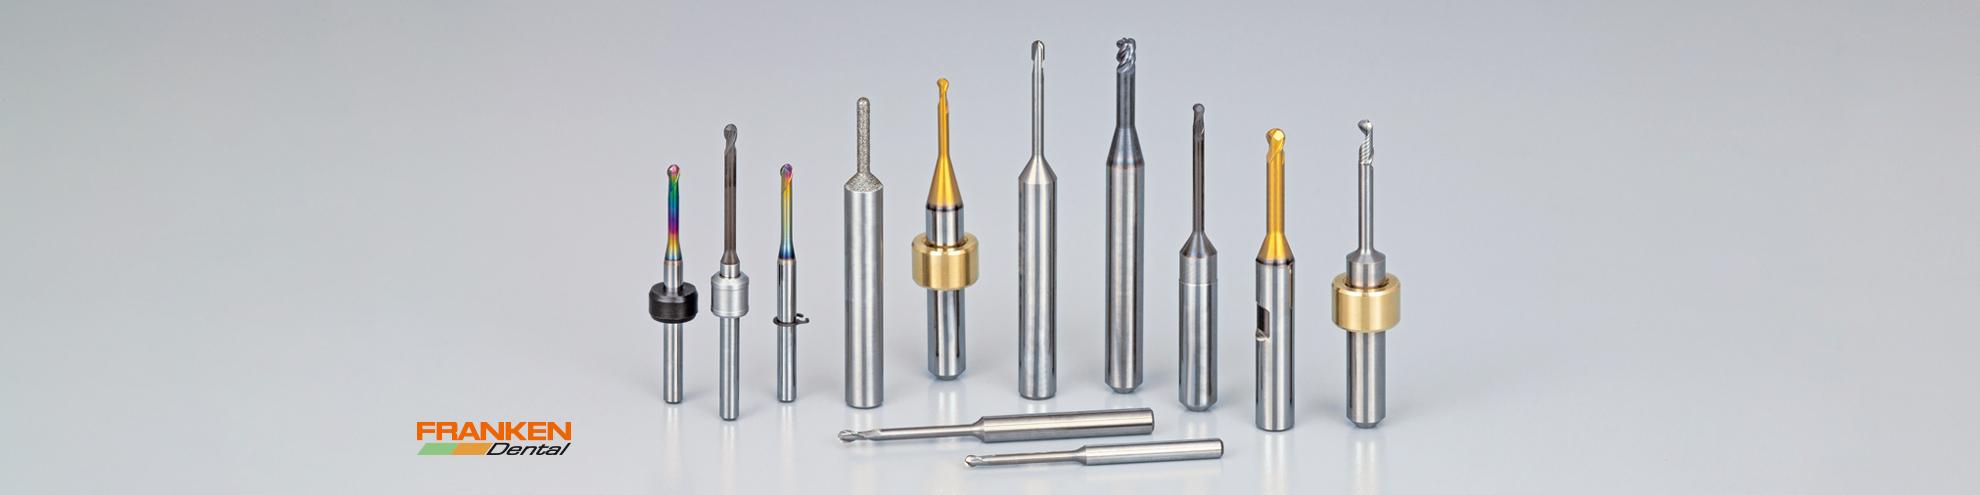 Franken Dental Werkzeuge Gruppenfoto